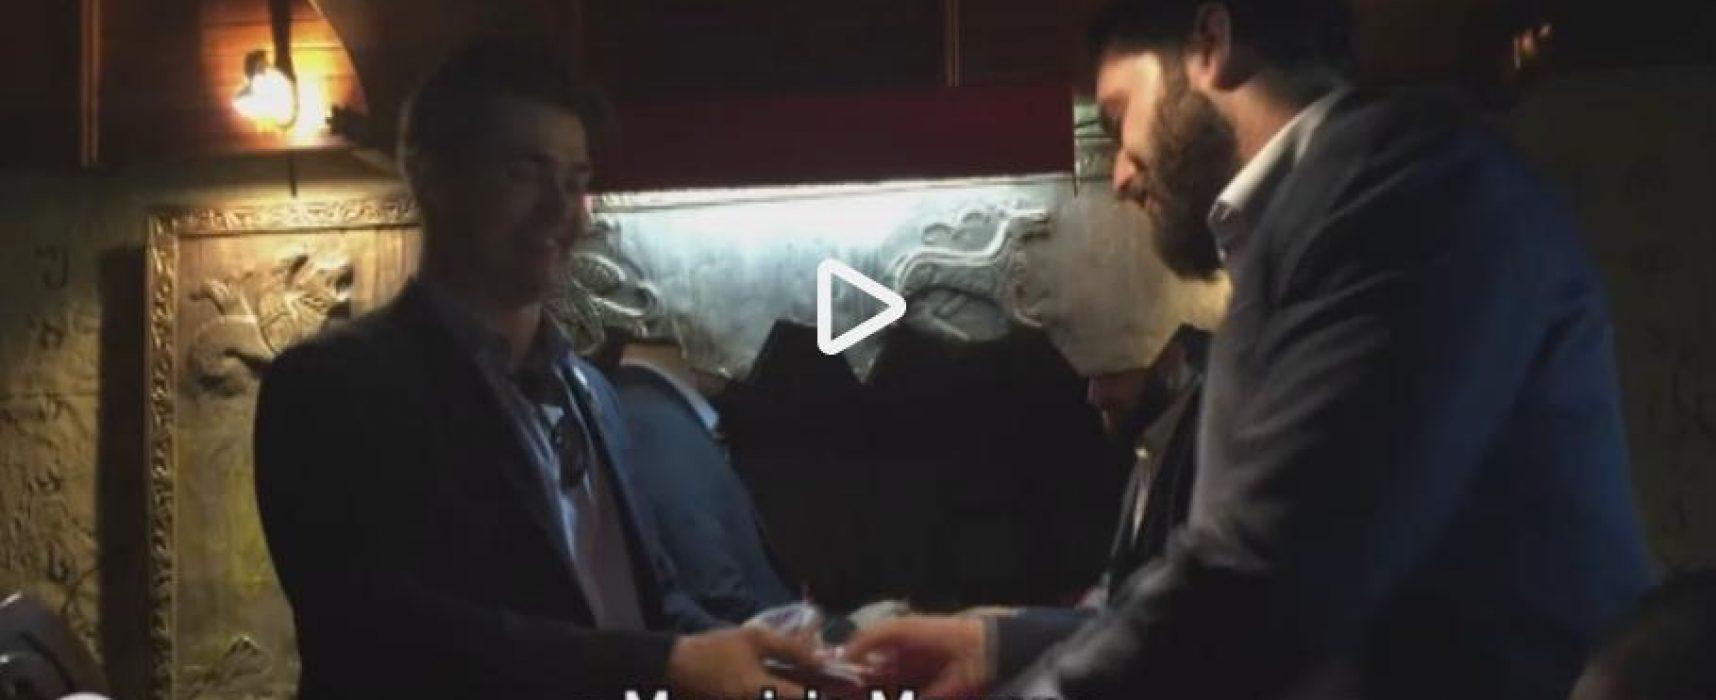 Maurizio Marrone di Fratelli d'Italia a cena con un famoso latitante italiano